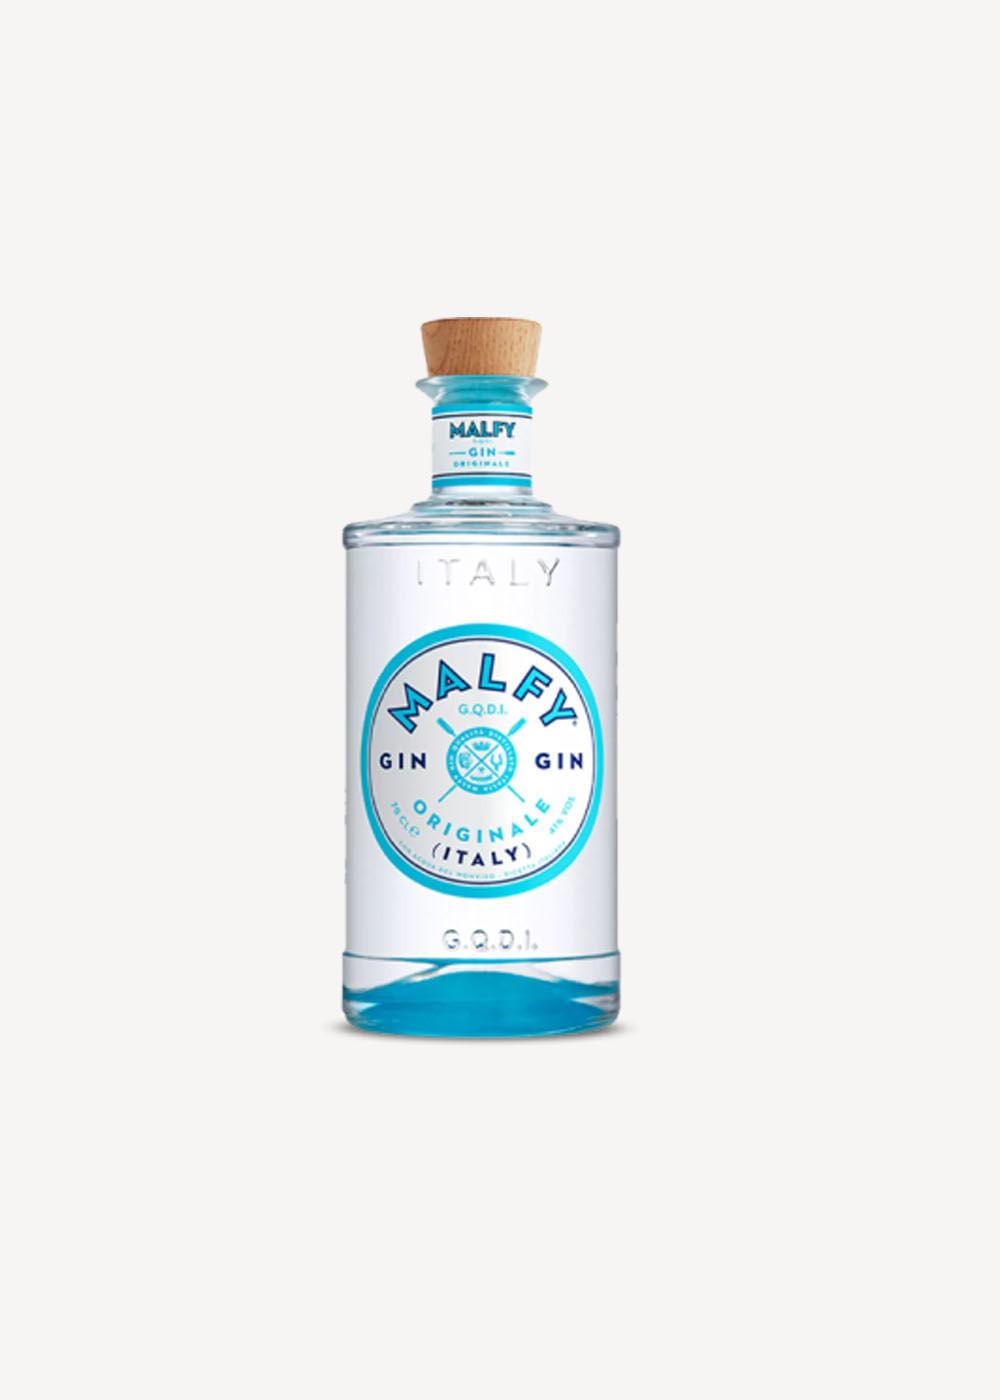 Malfy31